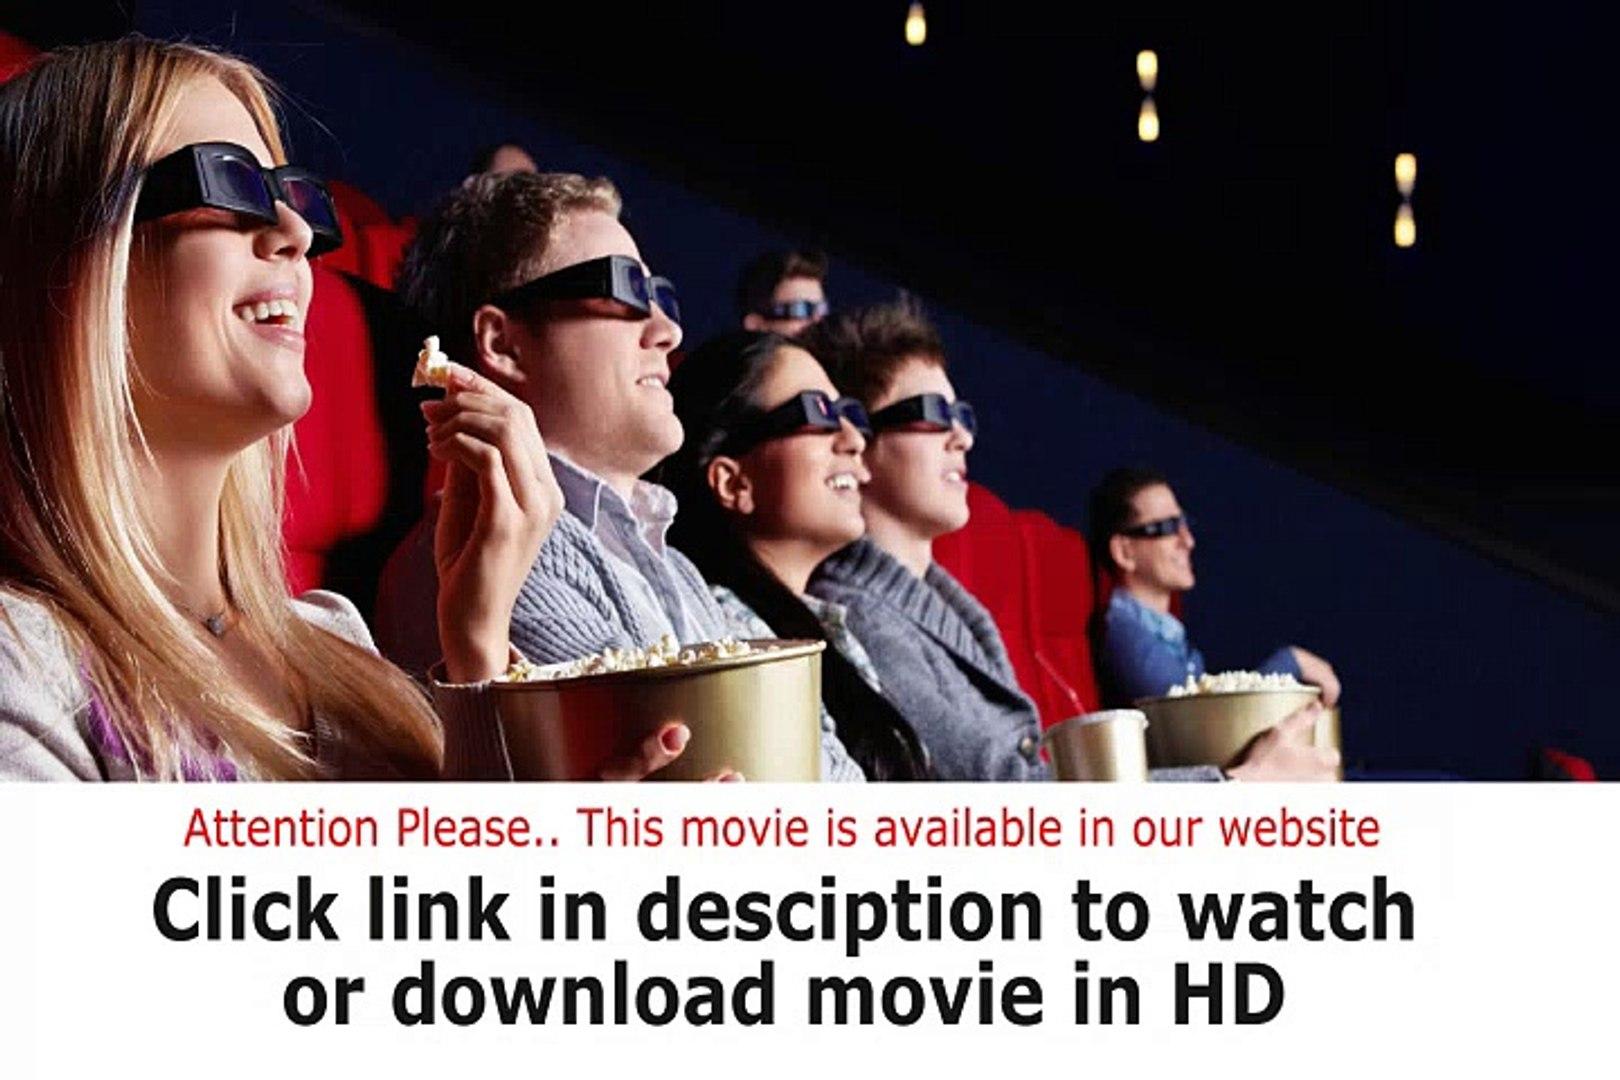 Full Movie Tekken Kazuya S Revenge 2014 Streaming Online Part I